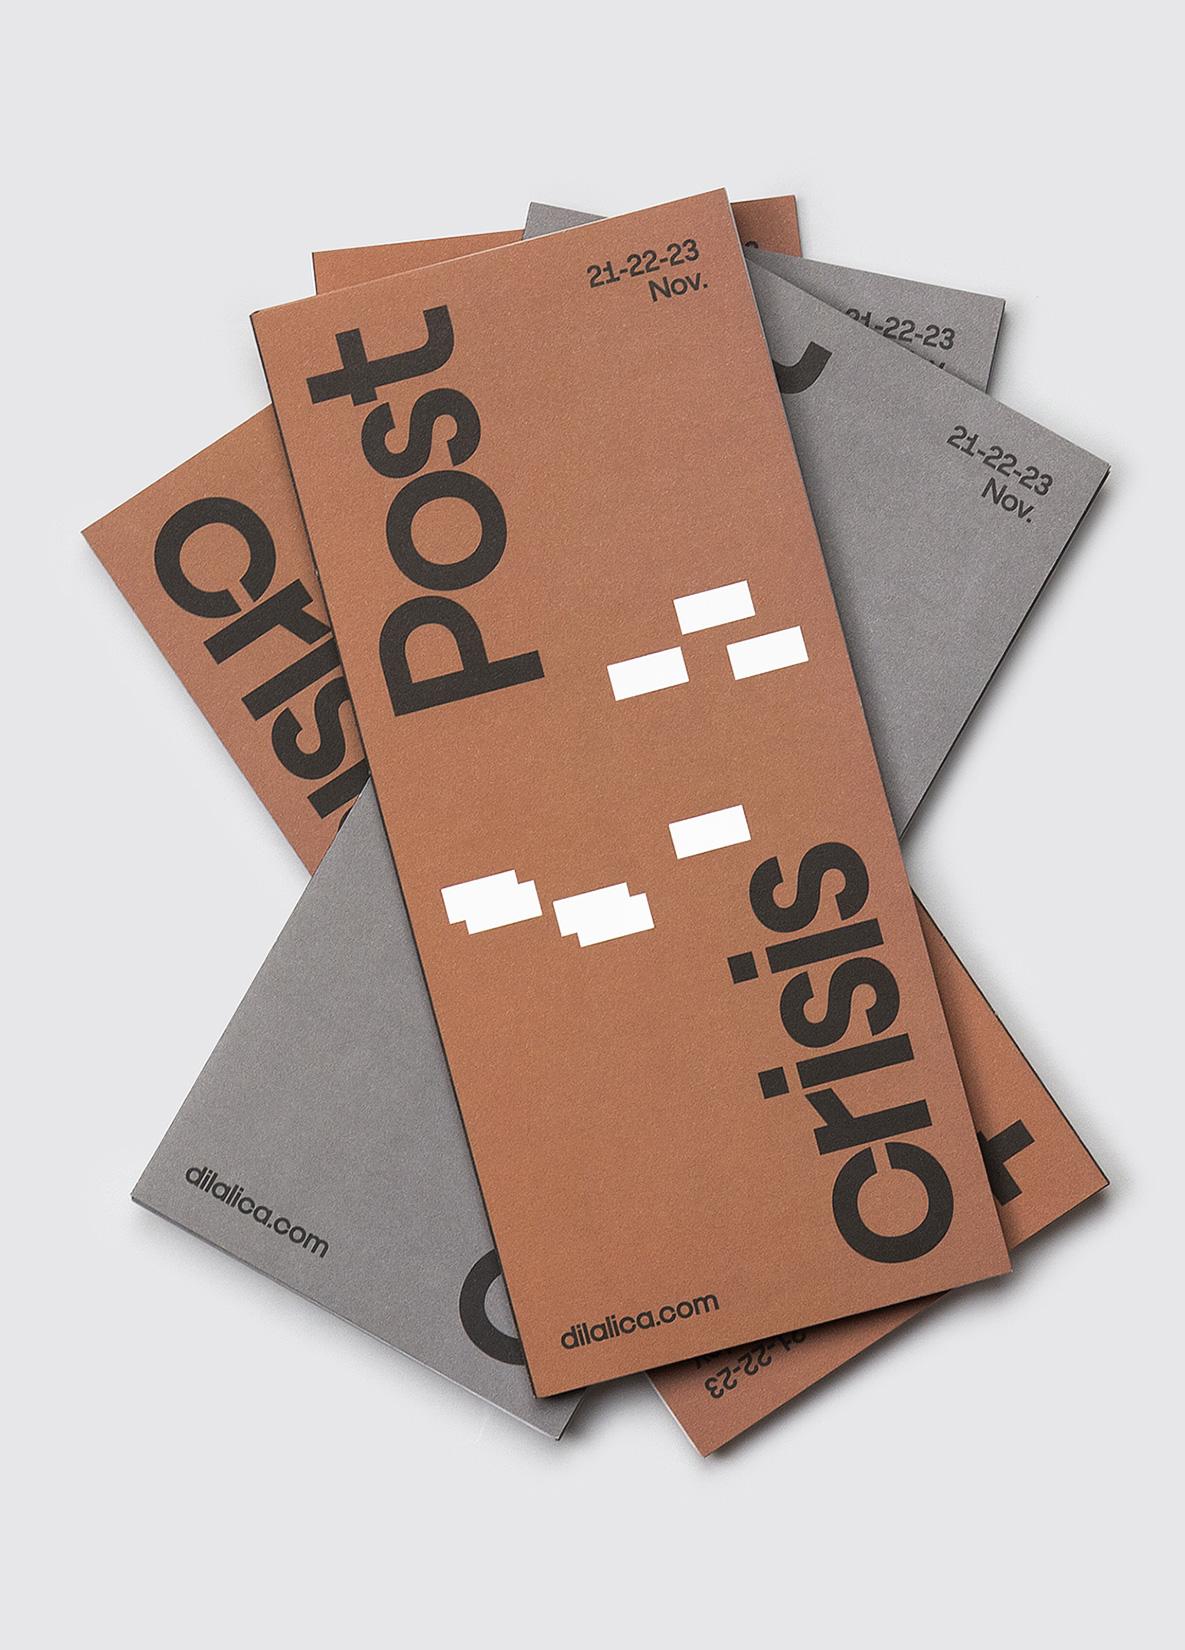 Fase, estudio de diseño gráfico. Identidad exposición de arte Postcrisis. Programas.